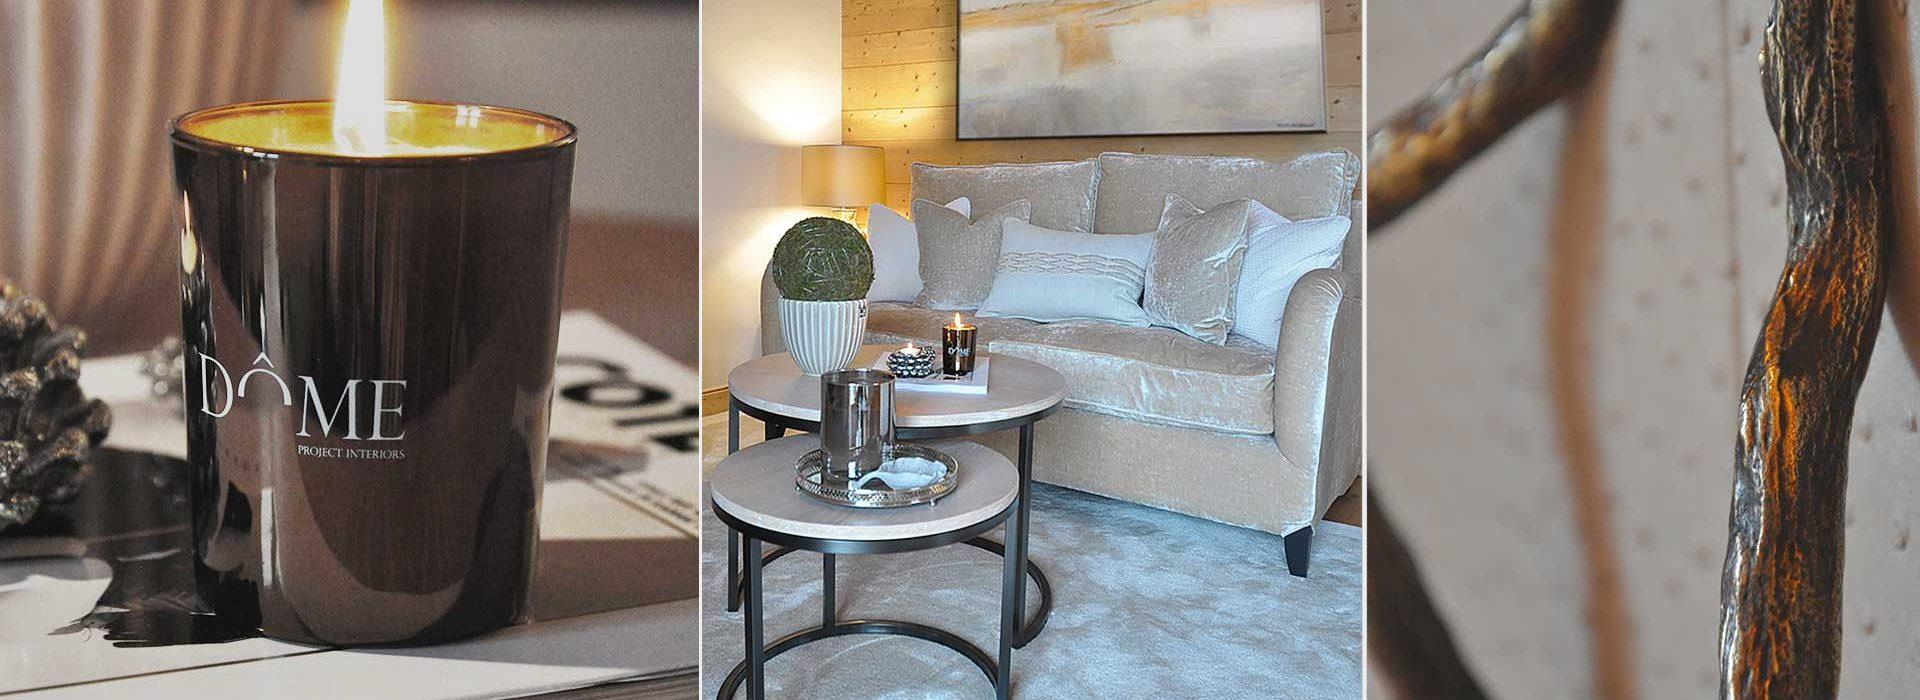 APARTMENT-FRENCH-ALPS-03-Dome-interior-design-Geneve-Suisse